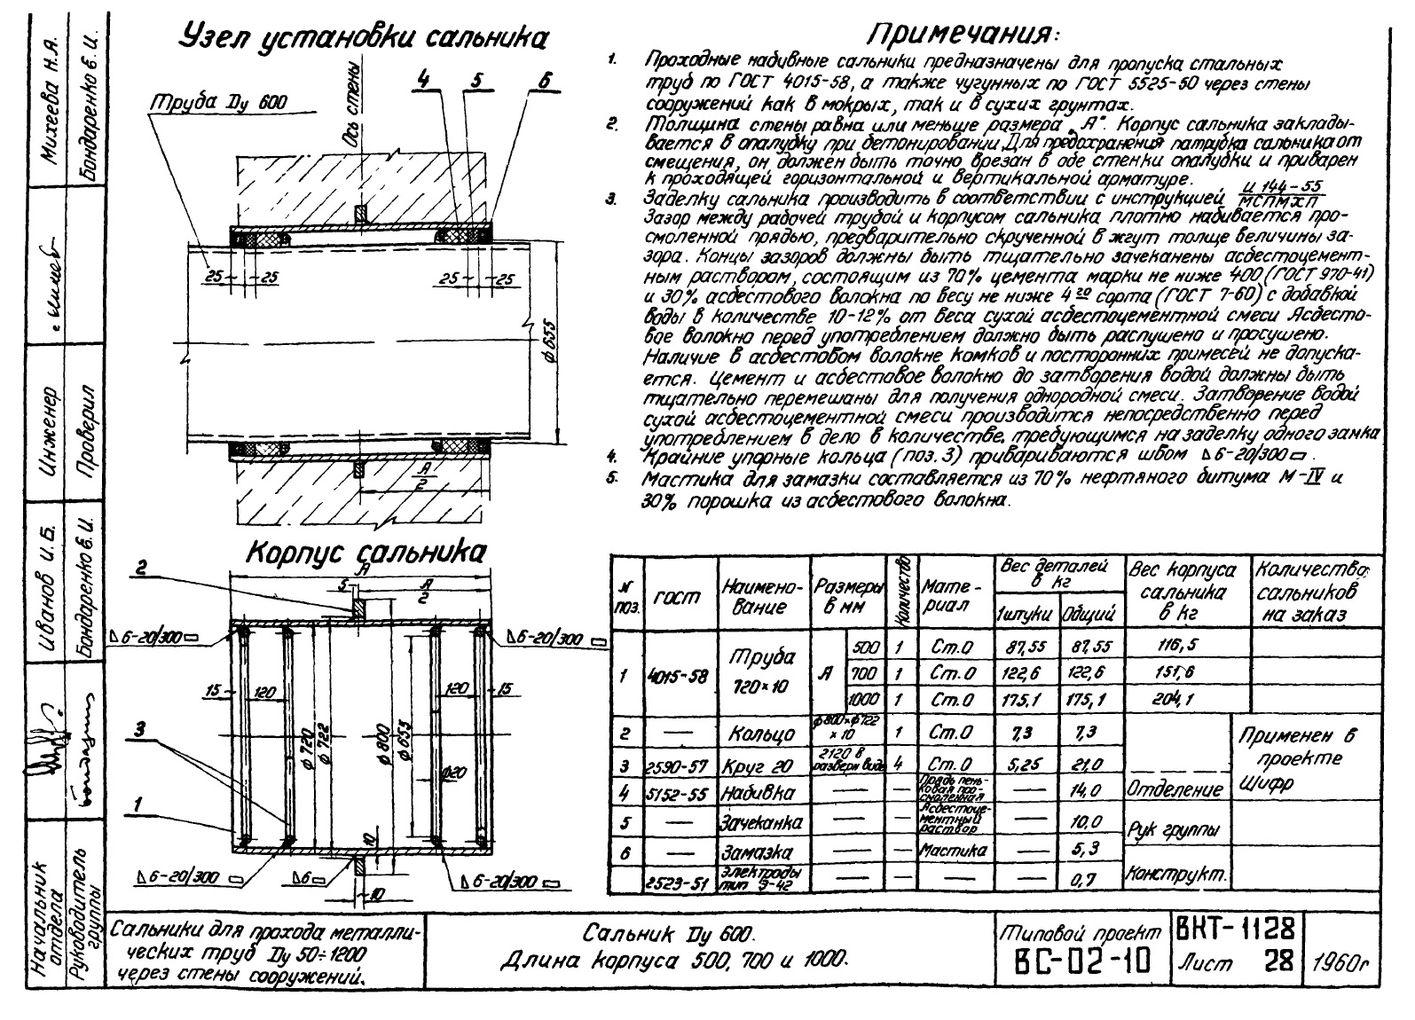 Сальники набивные L = 500 мм типовой проект ВС-02-10 стр.13